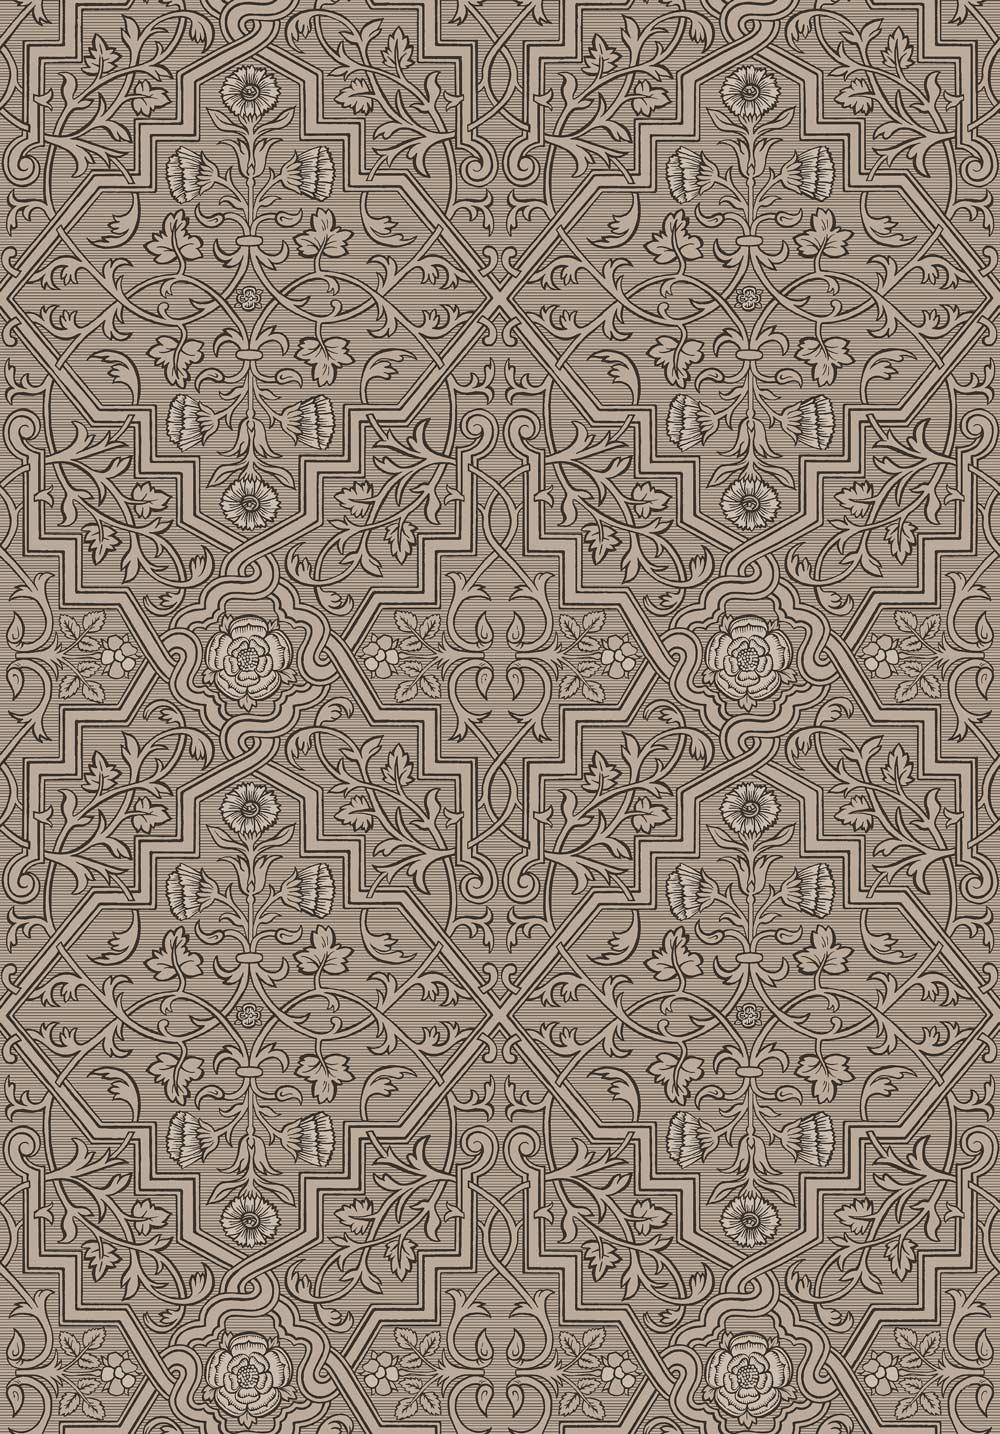 Boråstapeter Rosenvinge Brown Wallpaper - Product code: 4502